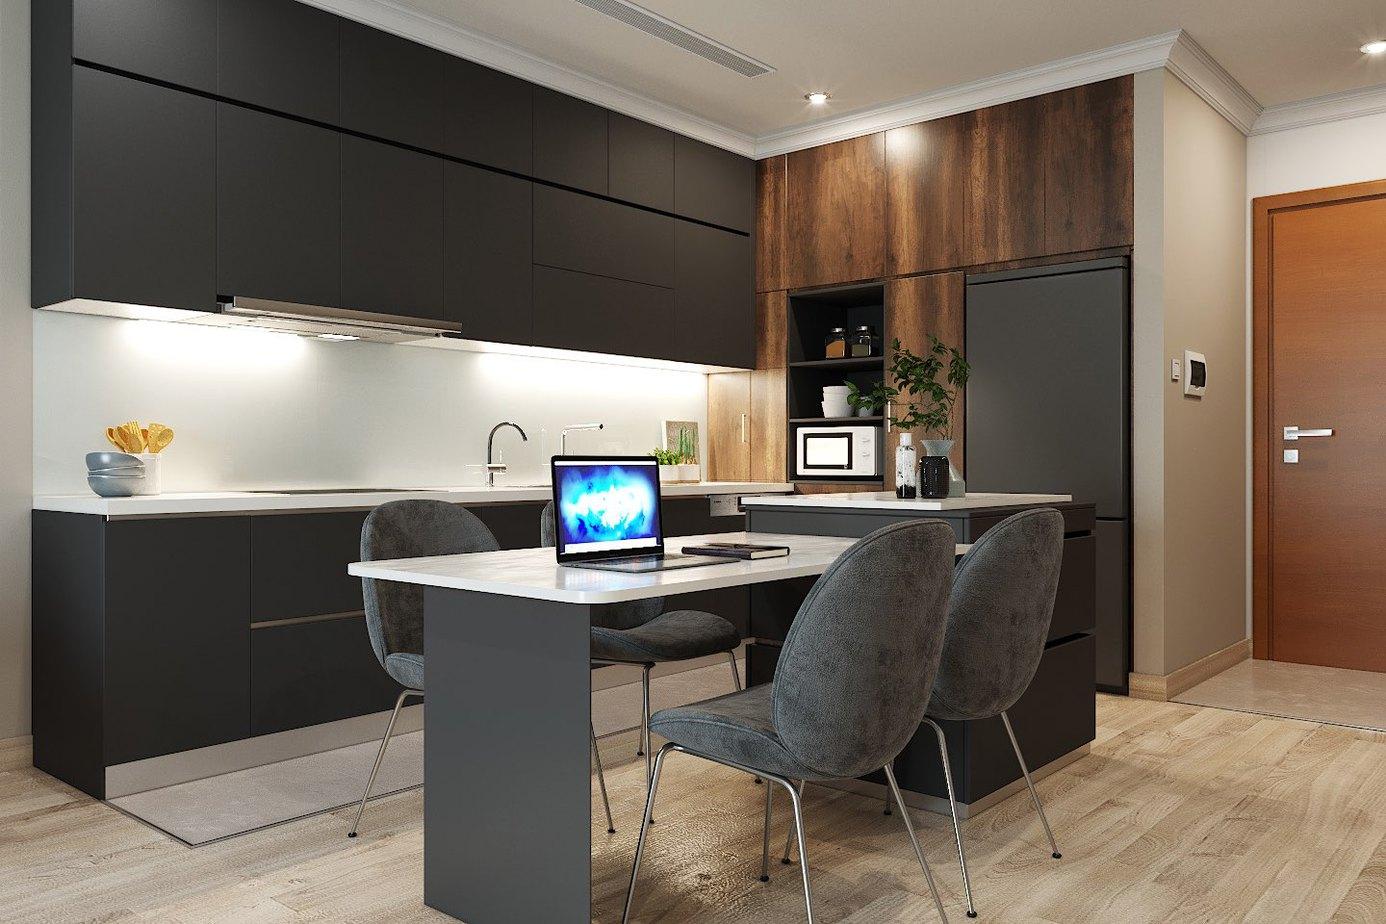 Tối ưu không gian sử dụng với tủ bếp thiết kế kịch trần